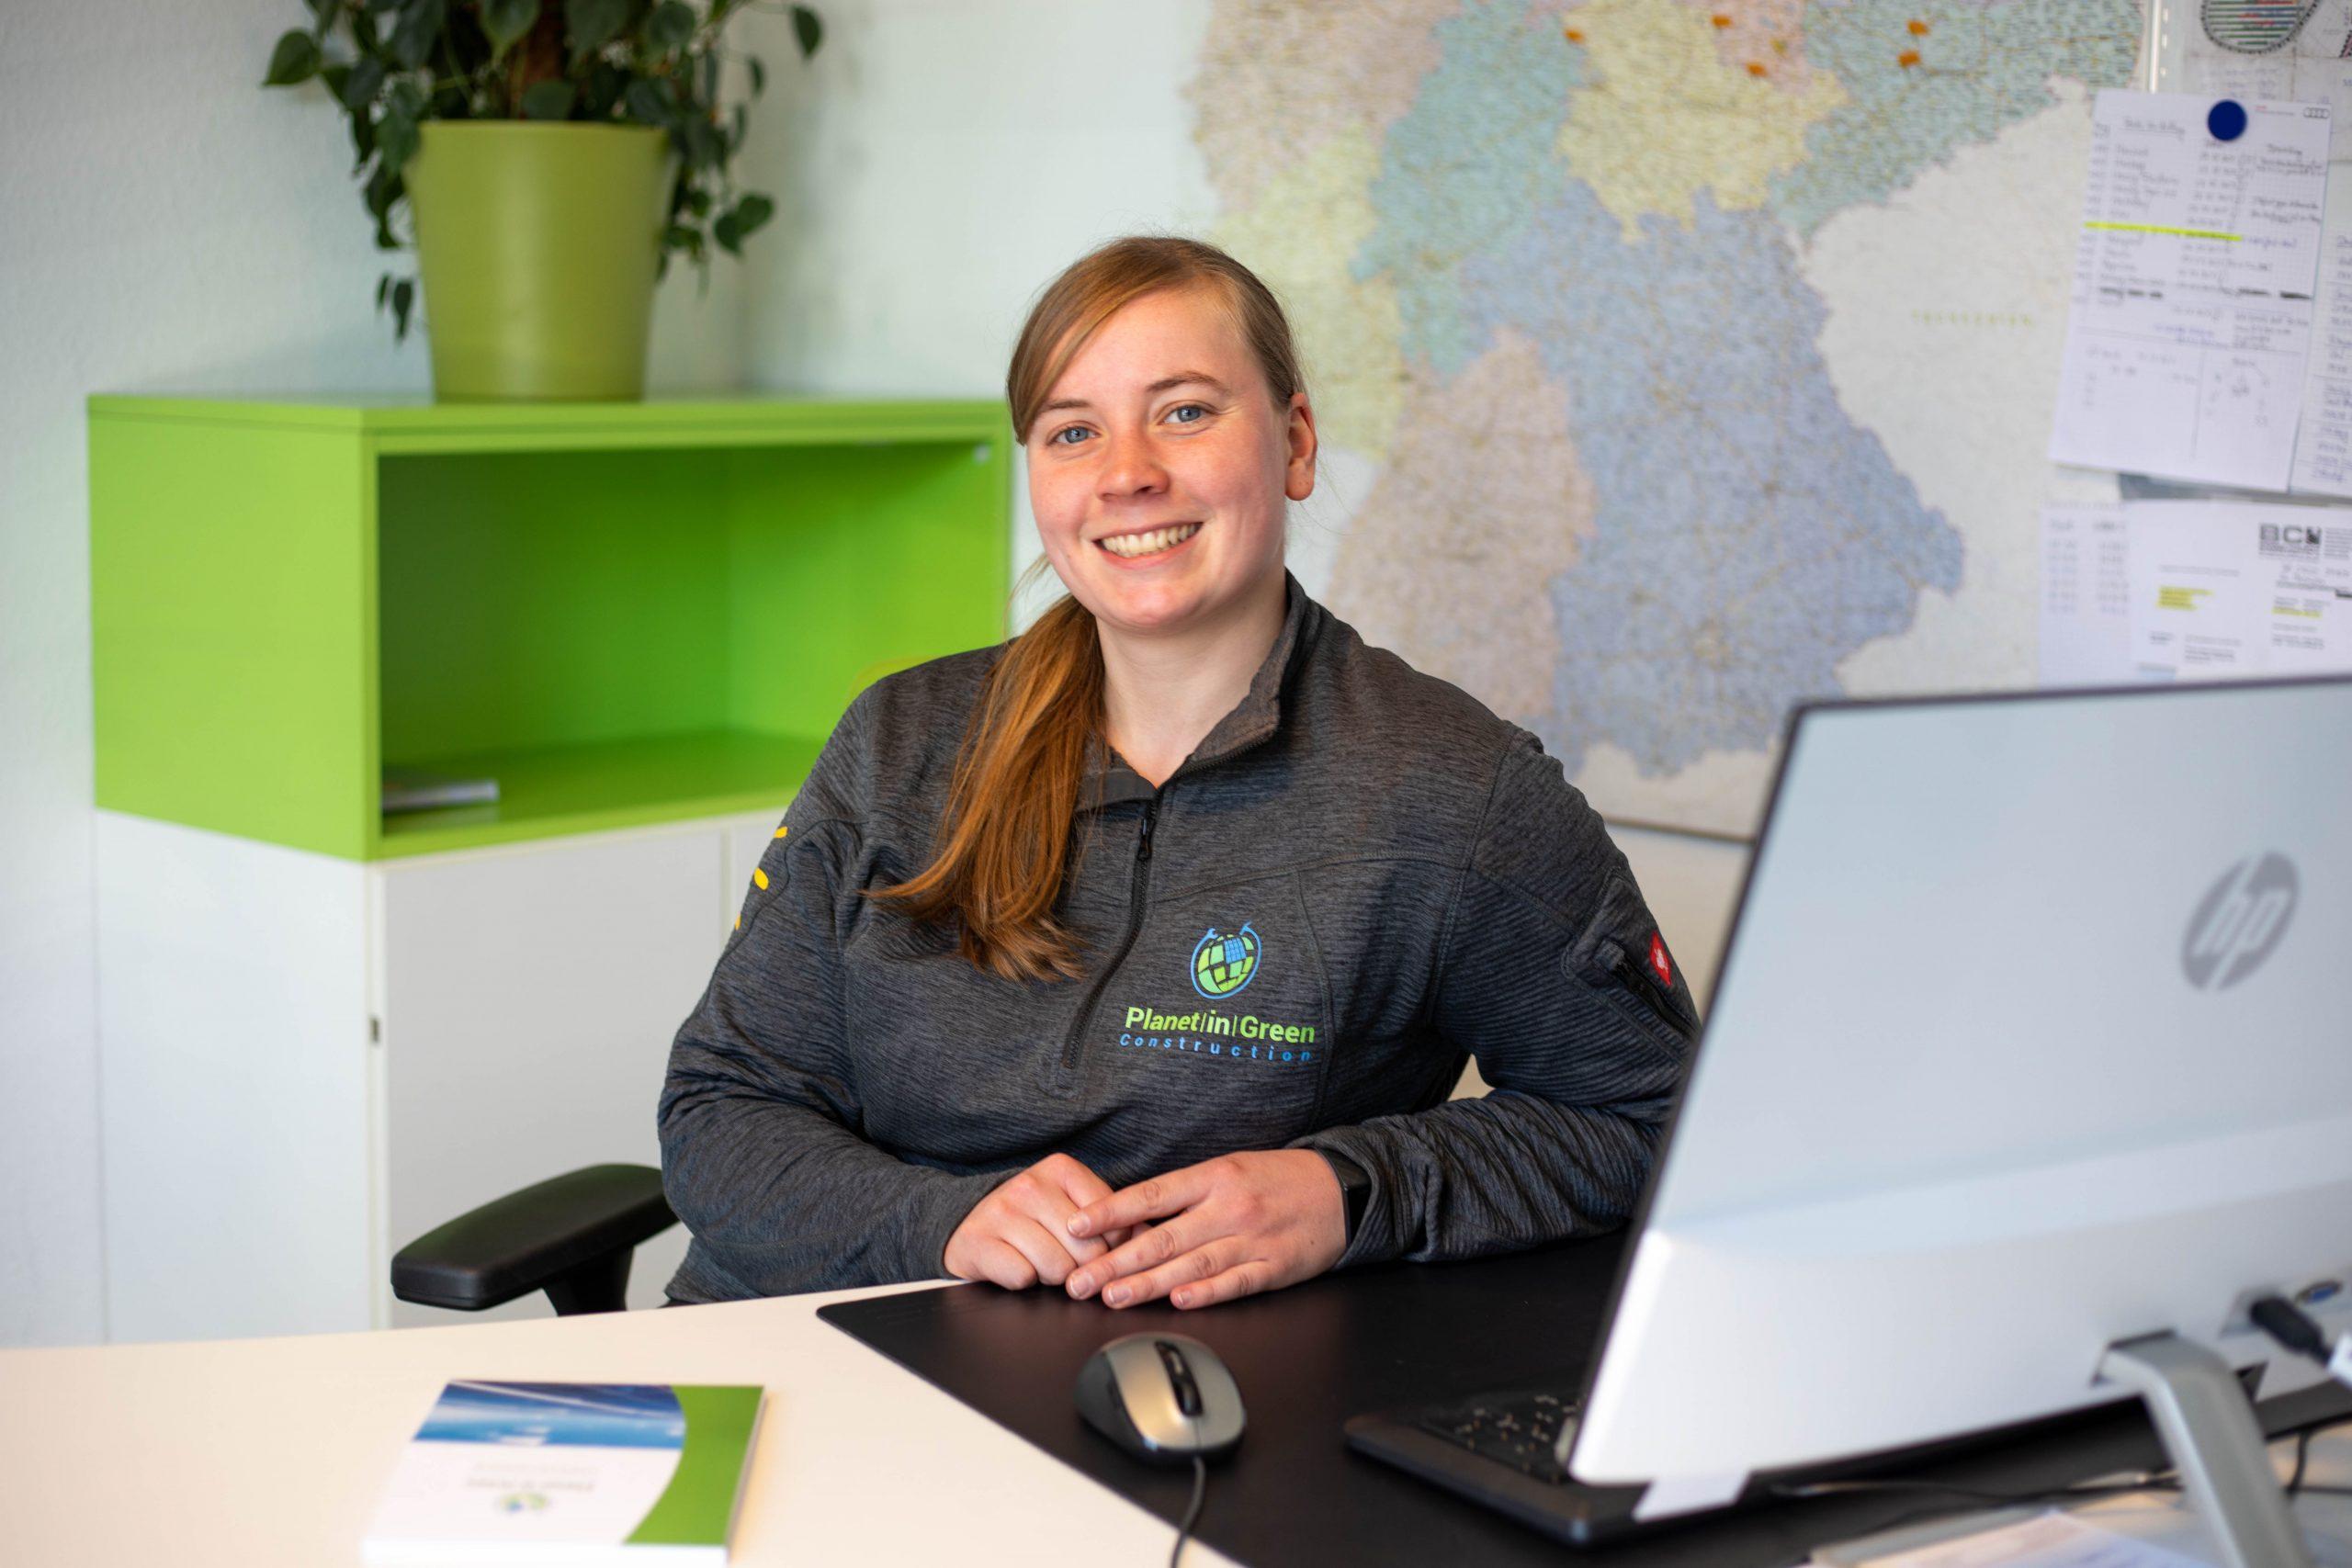 Neue Mitarbeiterin bei Planet in Green